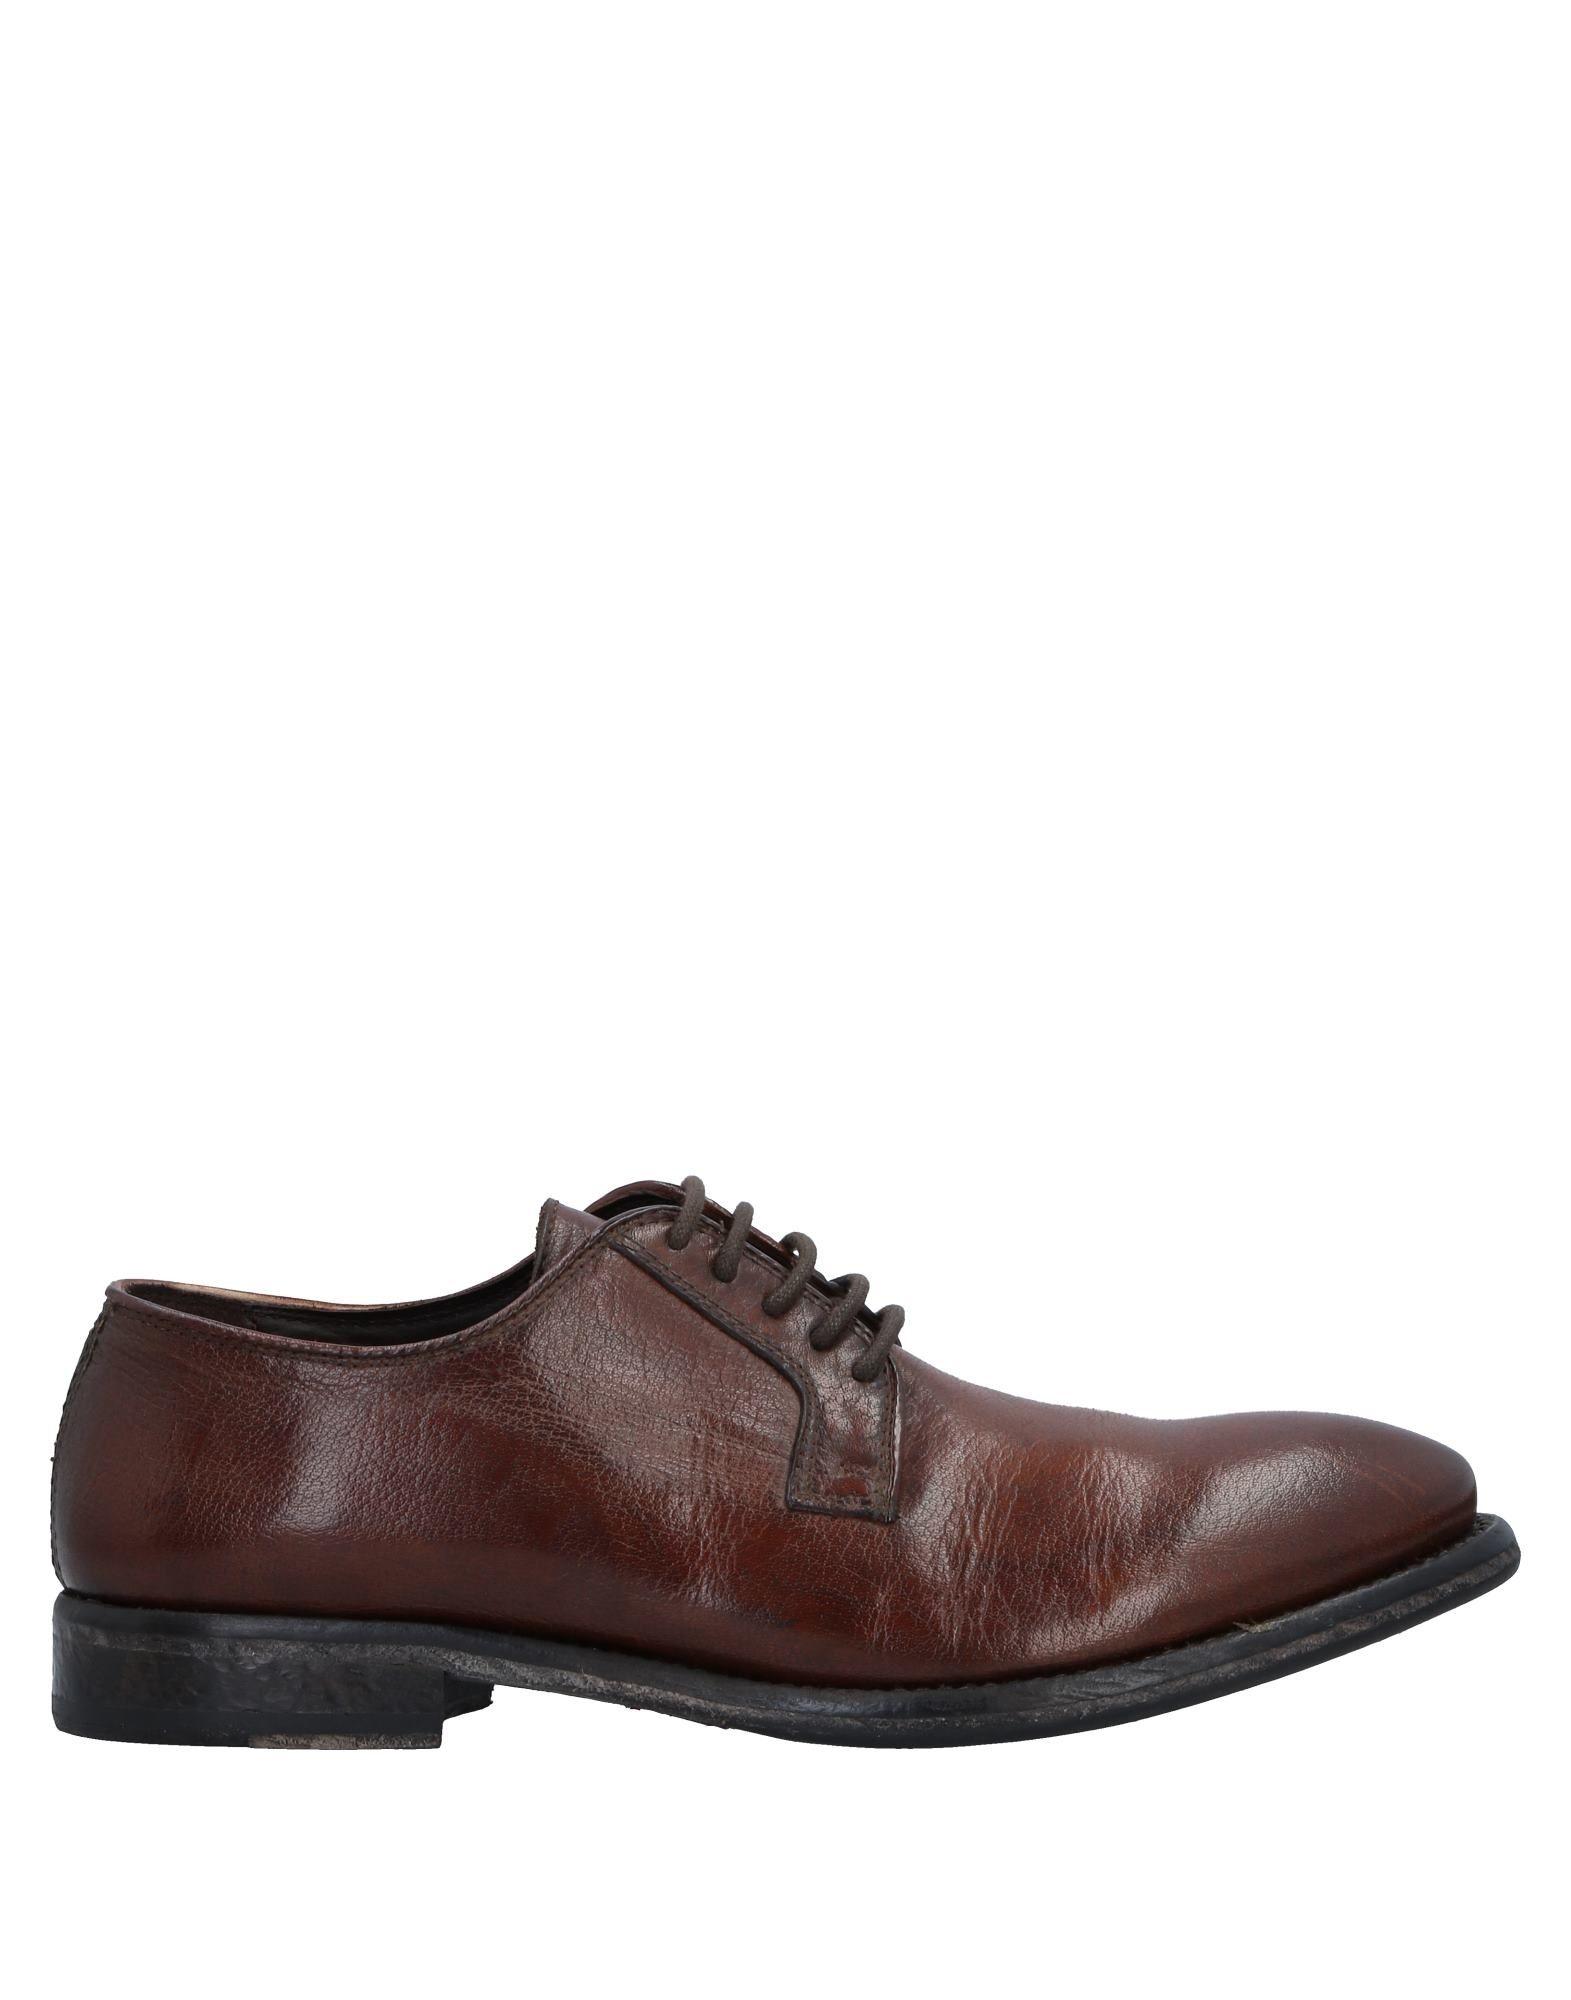 Rabatt echte  Schuhe Schuhmann's Schnürschuhe Herren  echte 11533116AV 5a38cd